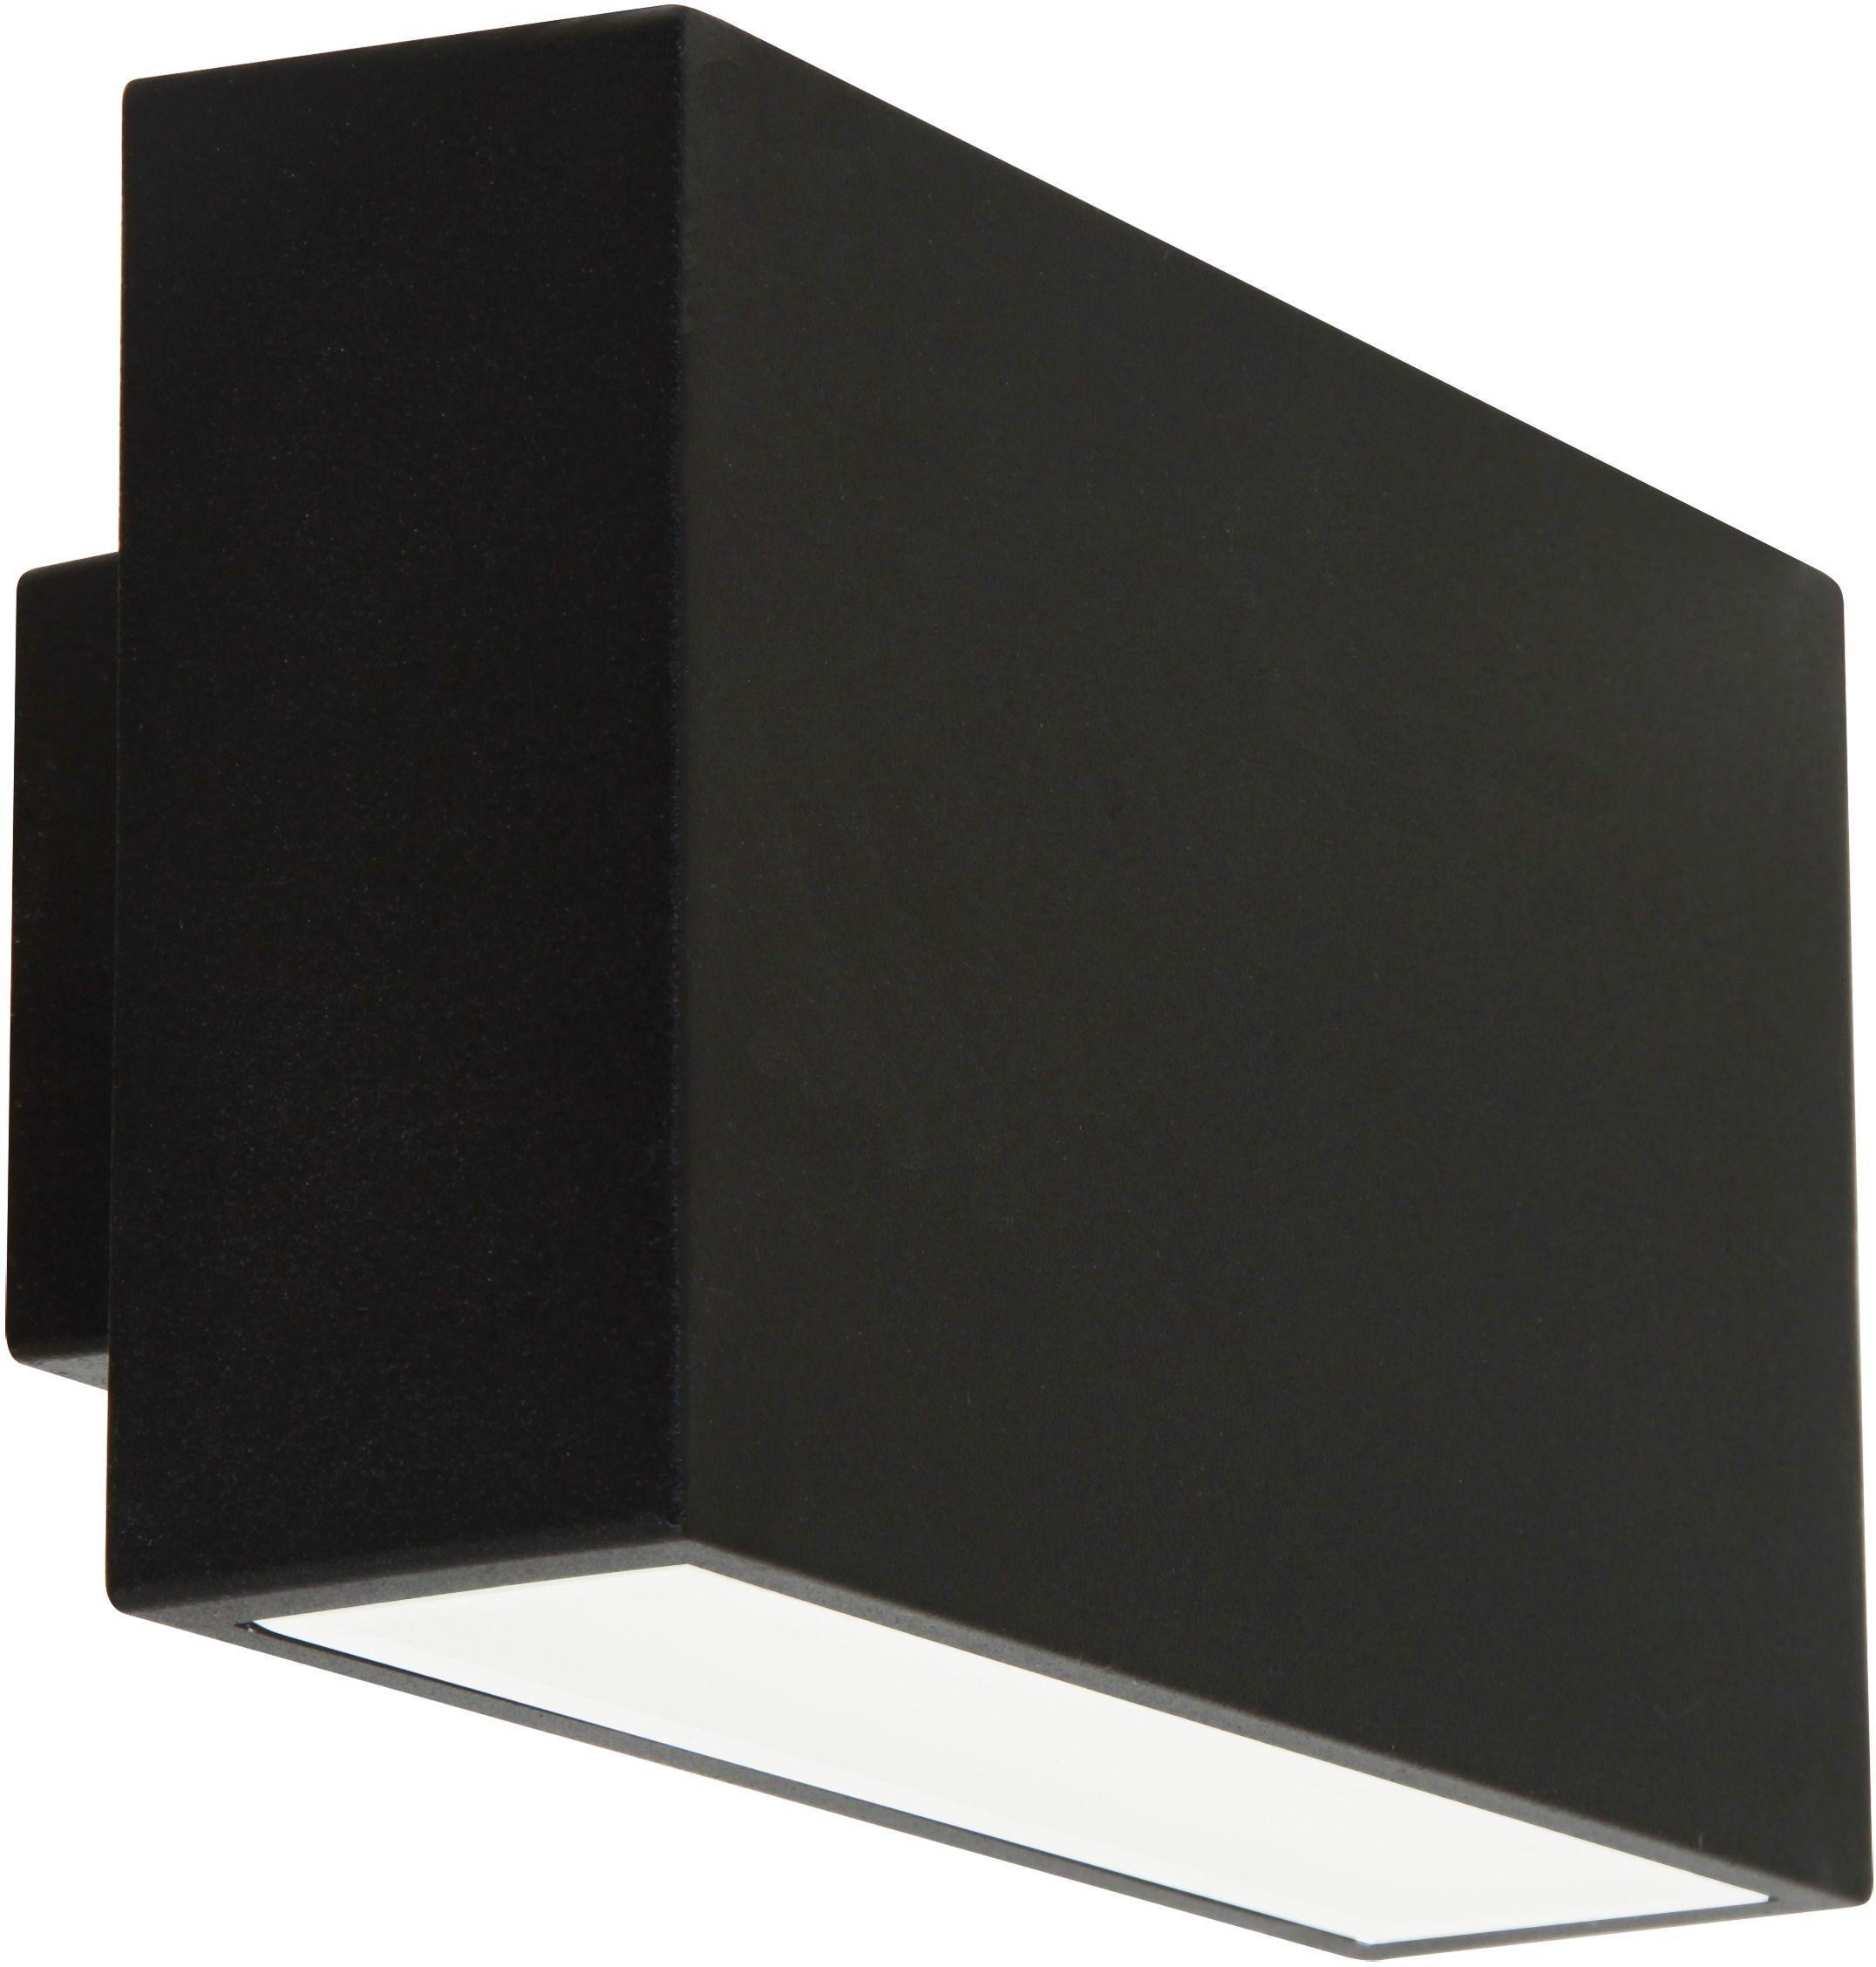 Ranex Ebony LED Outdoor Wall Light - Aluminum